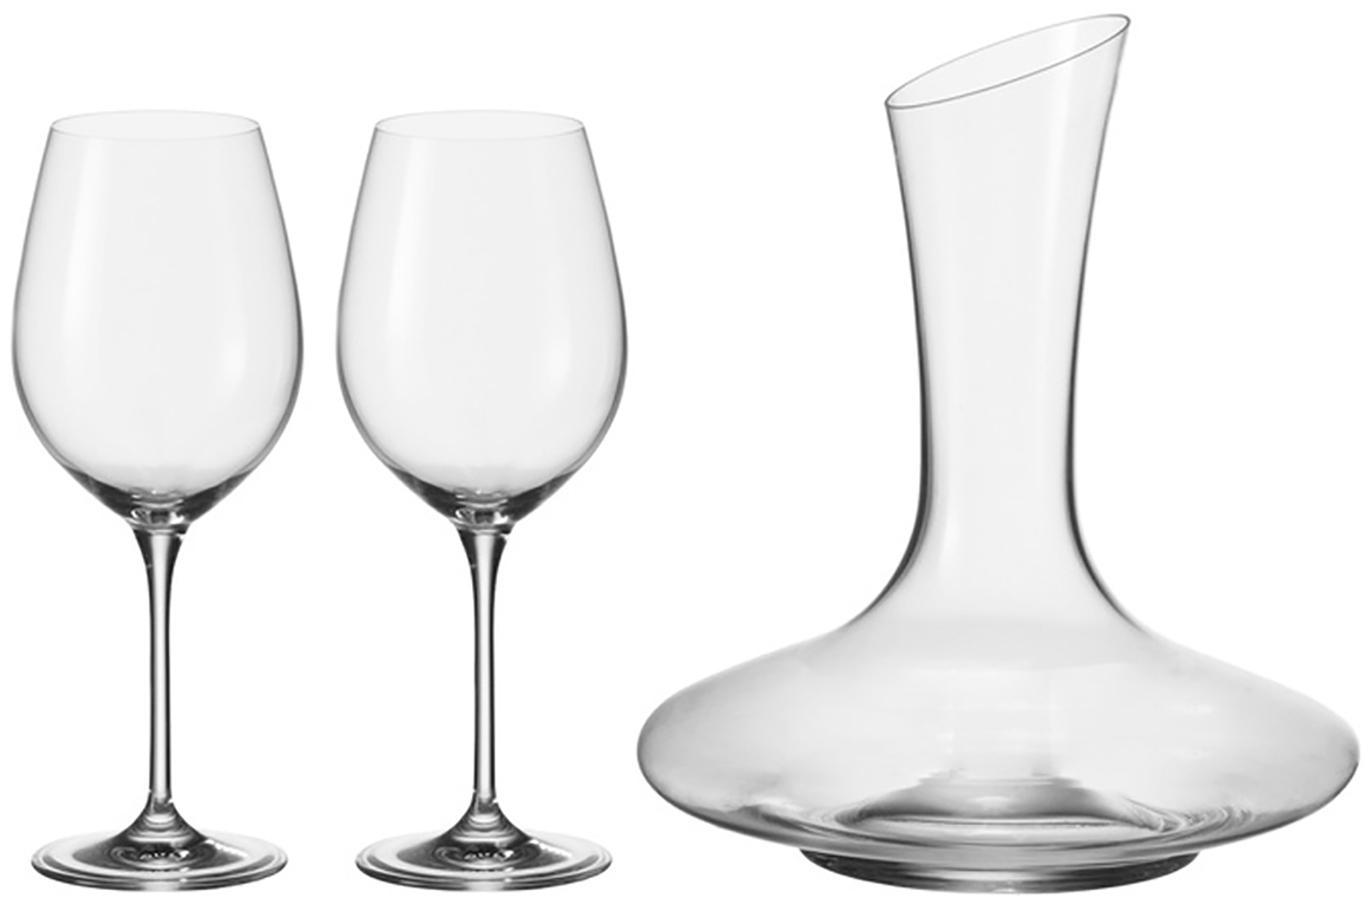 Set da vino rosso Barcelona 3 pz, Vetro, Trasparente, Set in varie misure